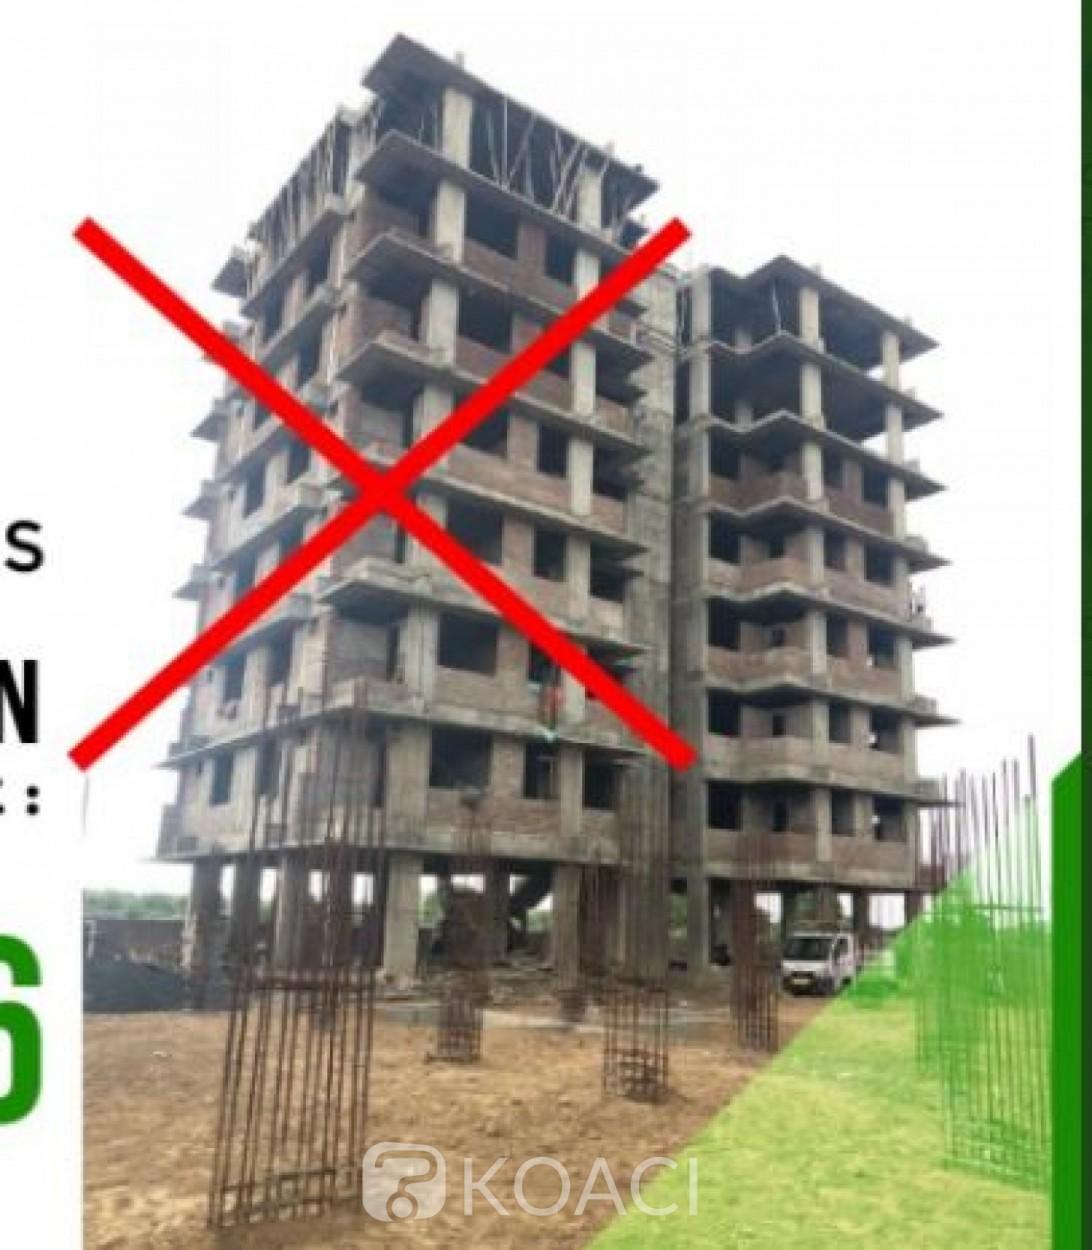 Côte d'Ivoire : Lutte contre les constructions anarchiques, un numéro vert mis à la disposition des usagers